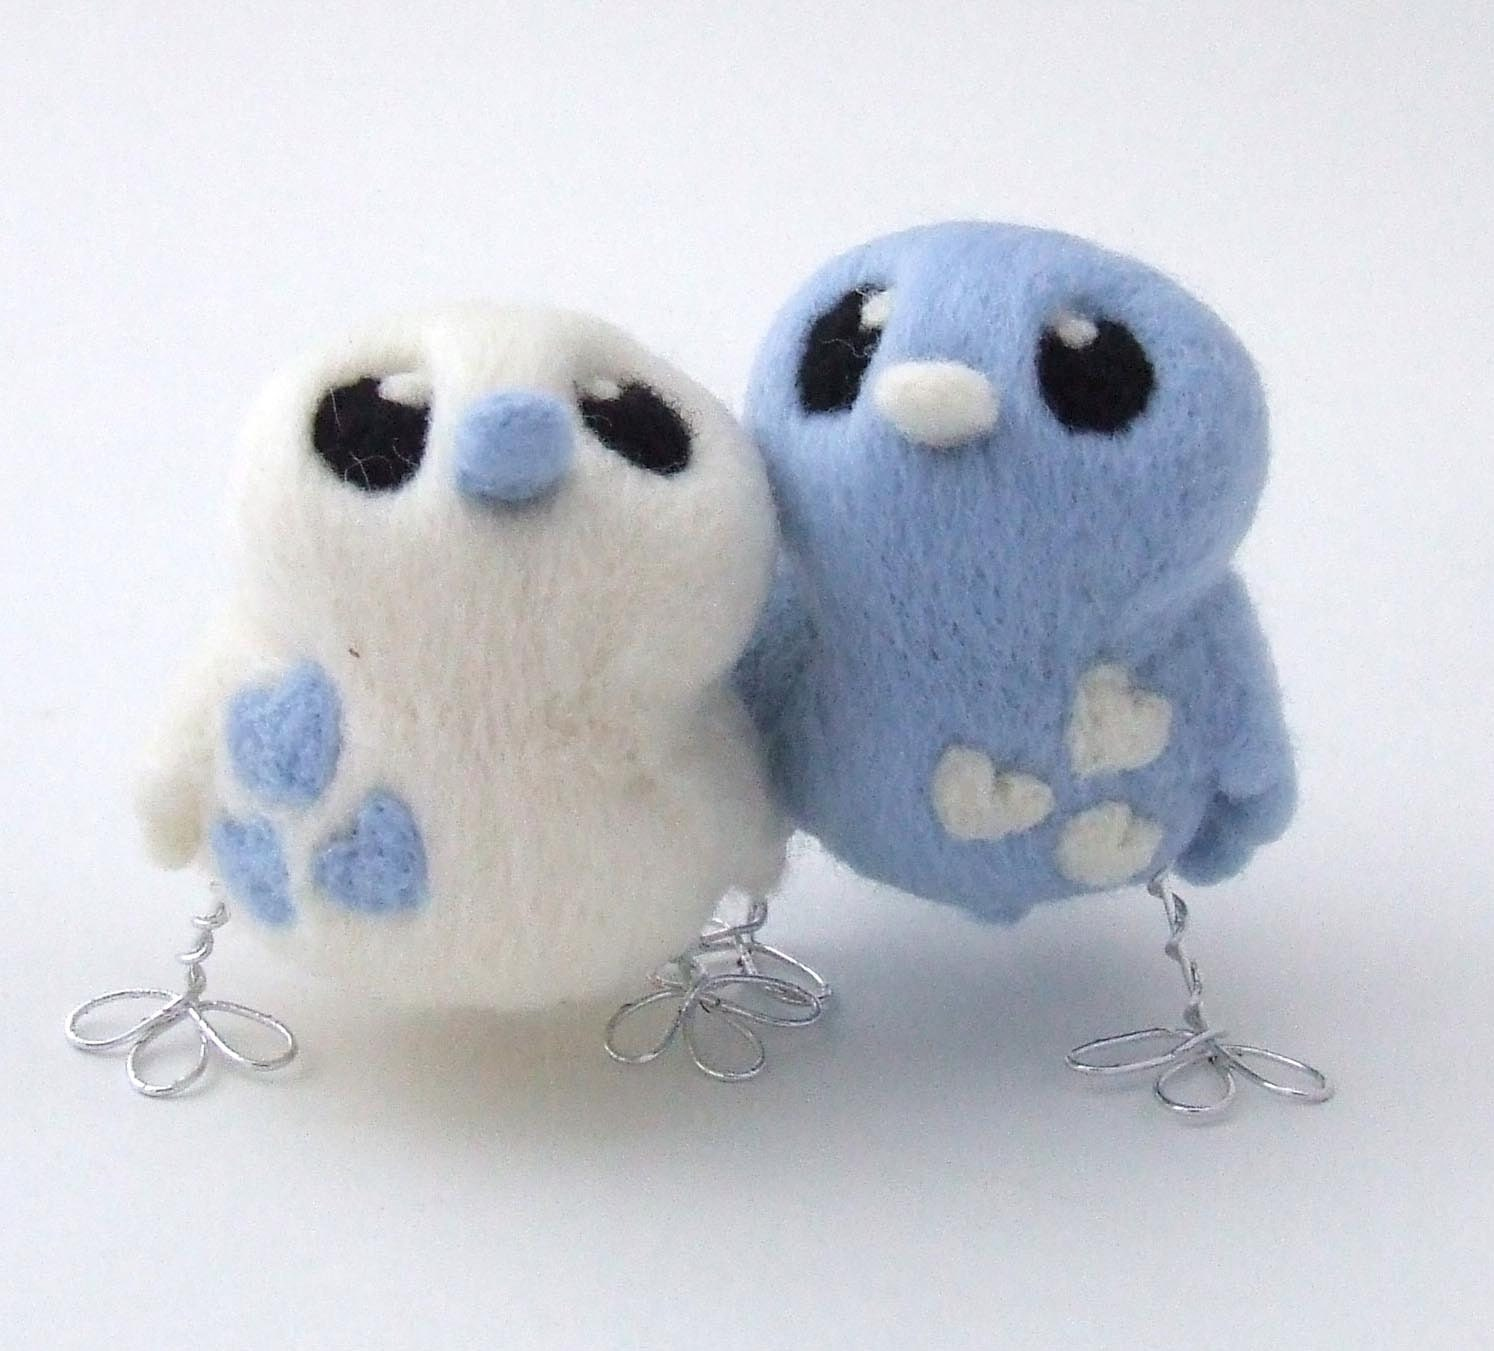 Bird Wedding Cake Topper Pale Blue and White Love Birds Tweet